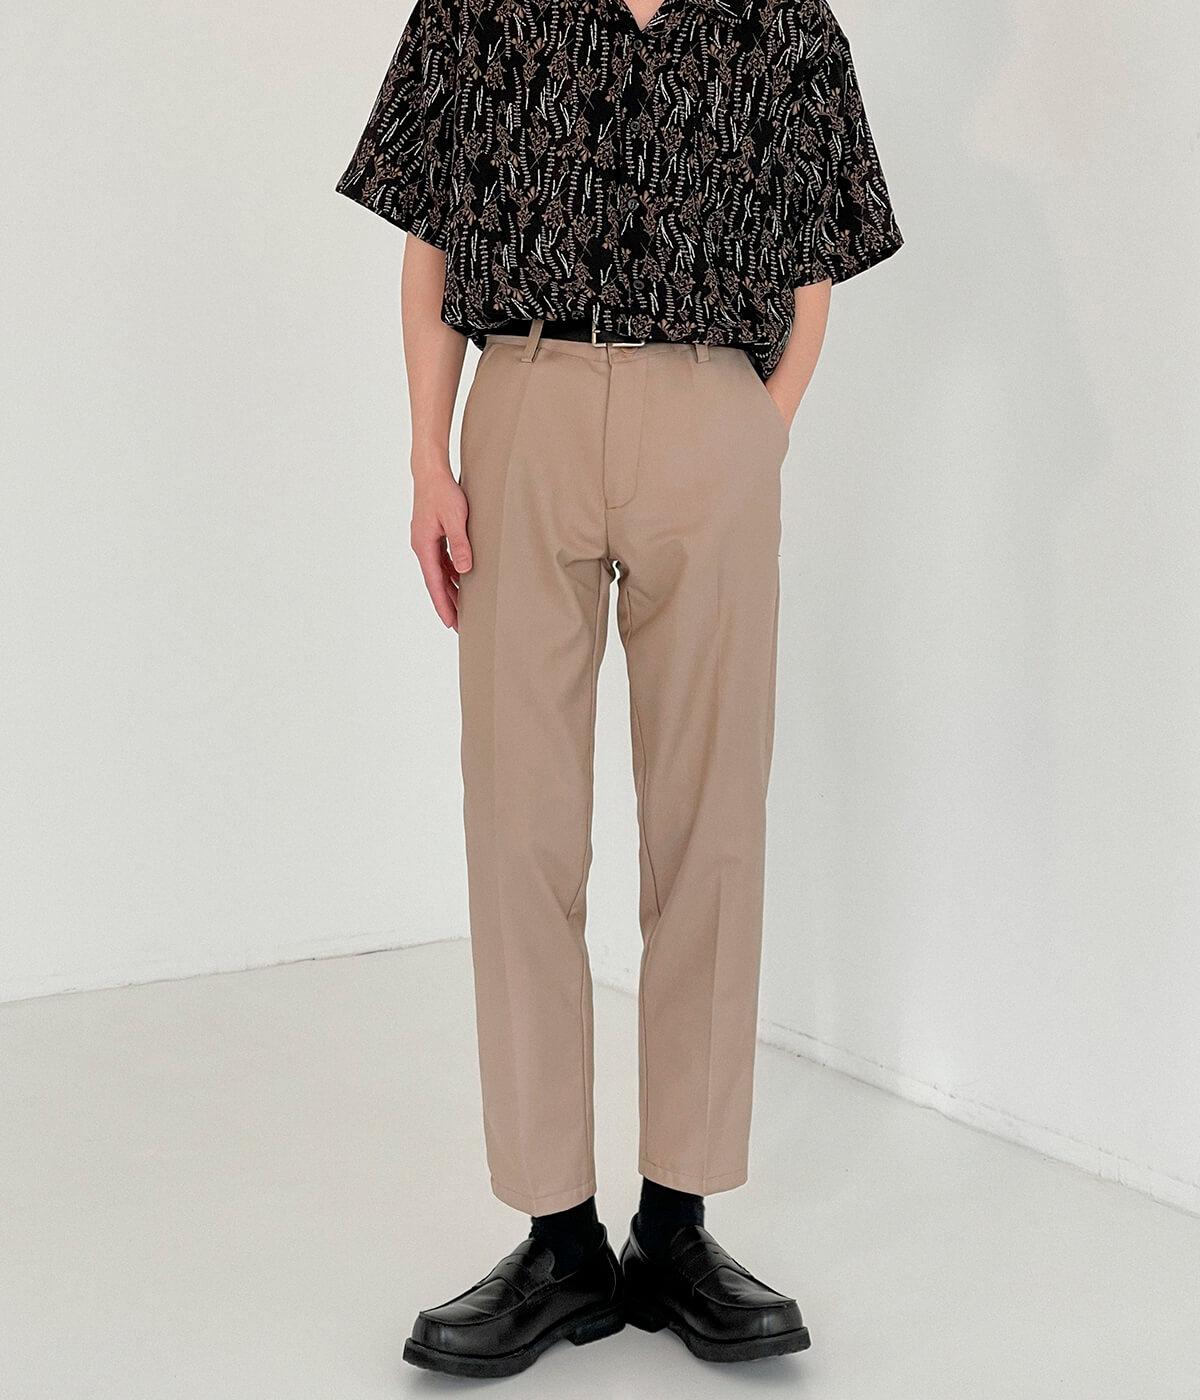 Брюки DAZO Studio Straight Crop Basic Pants (2)